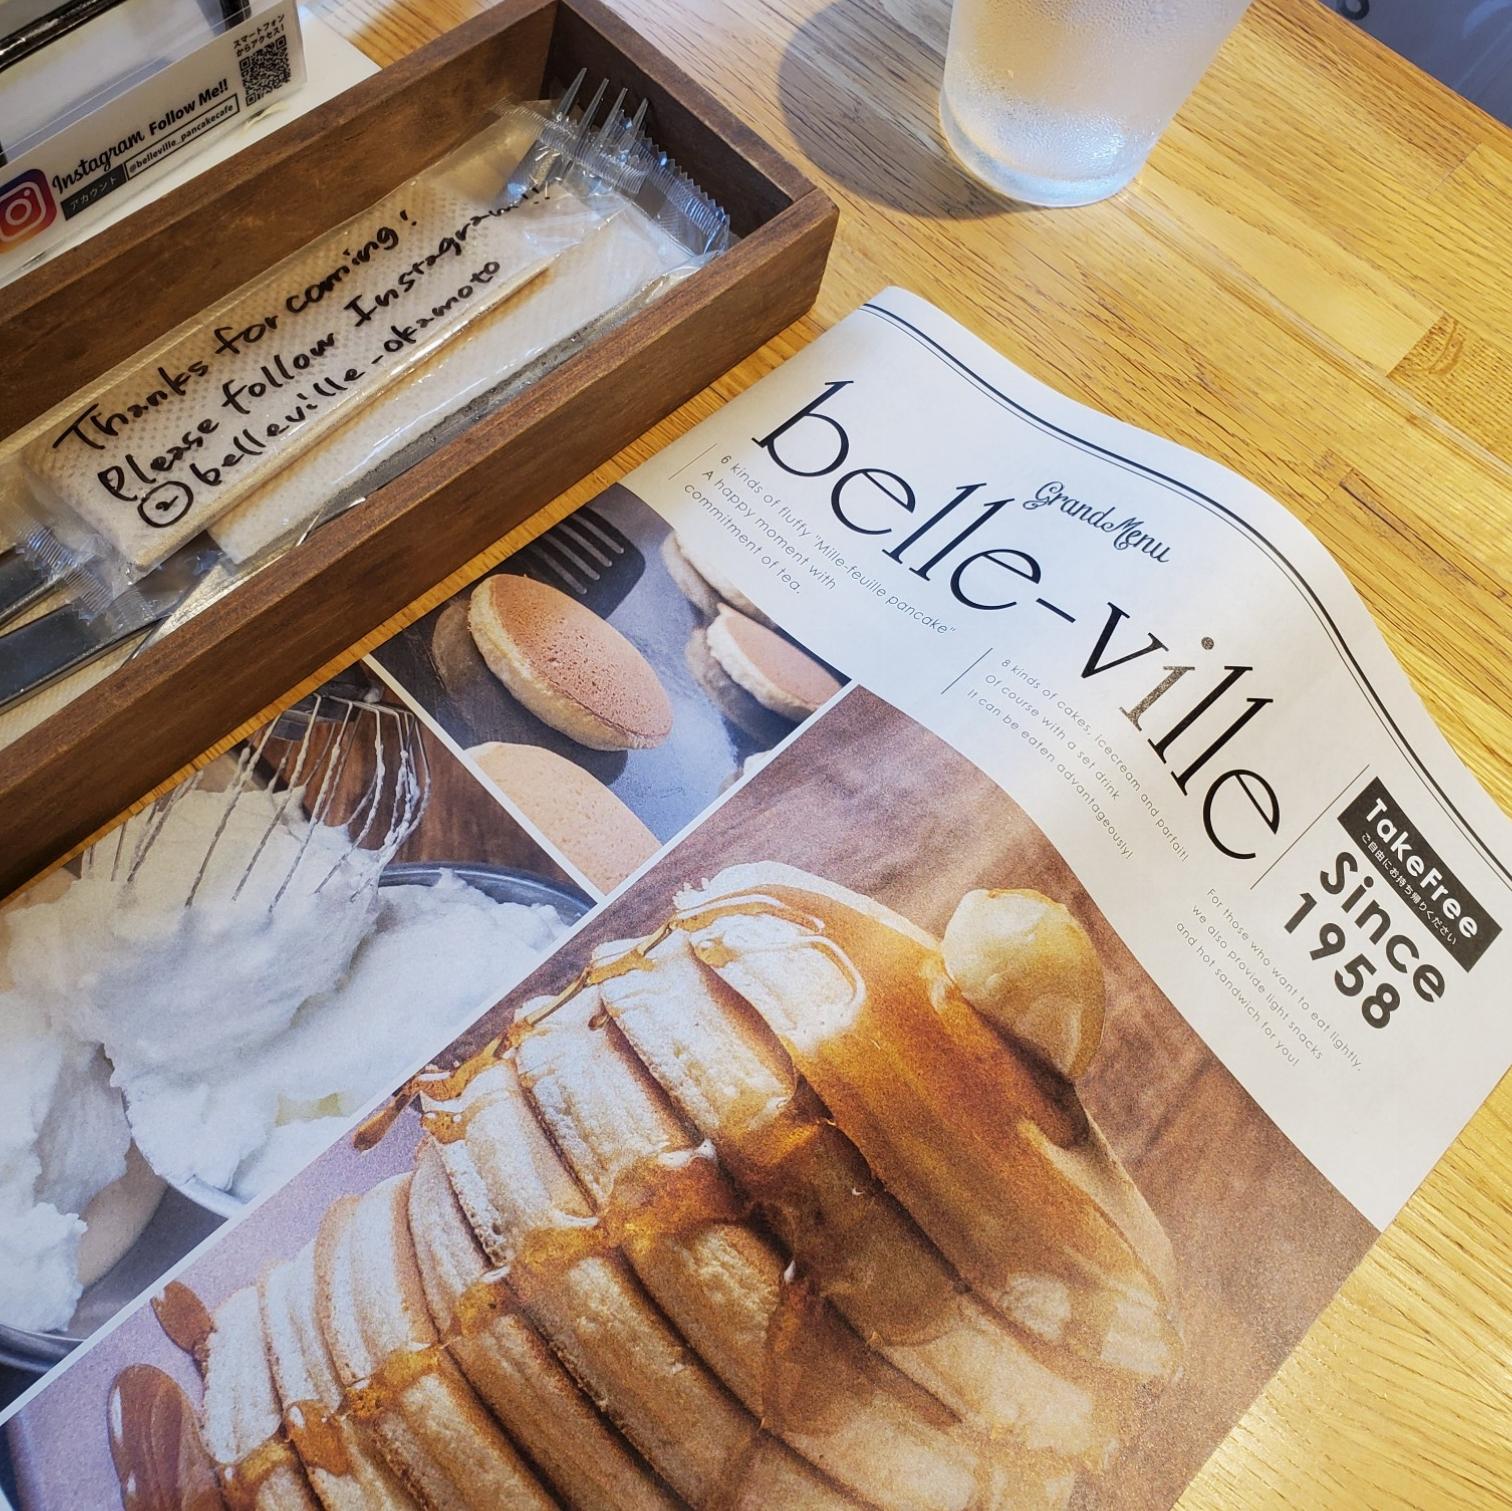 ≪神戸カフェ≫ふわふわ&とろとろパンケーキ♡【belle-ville】_2